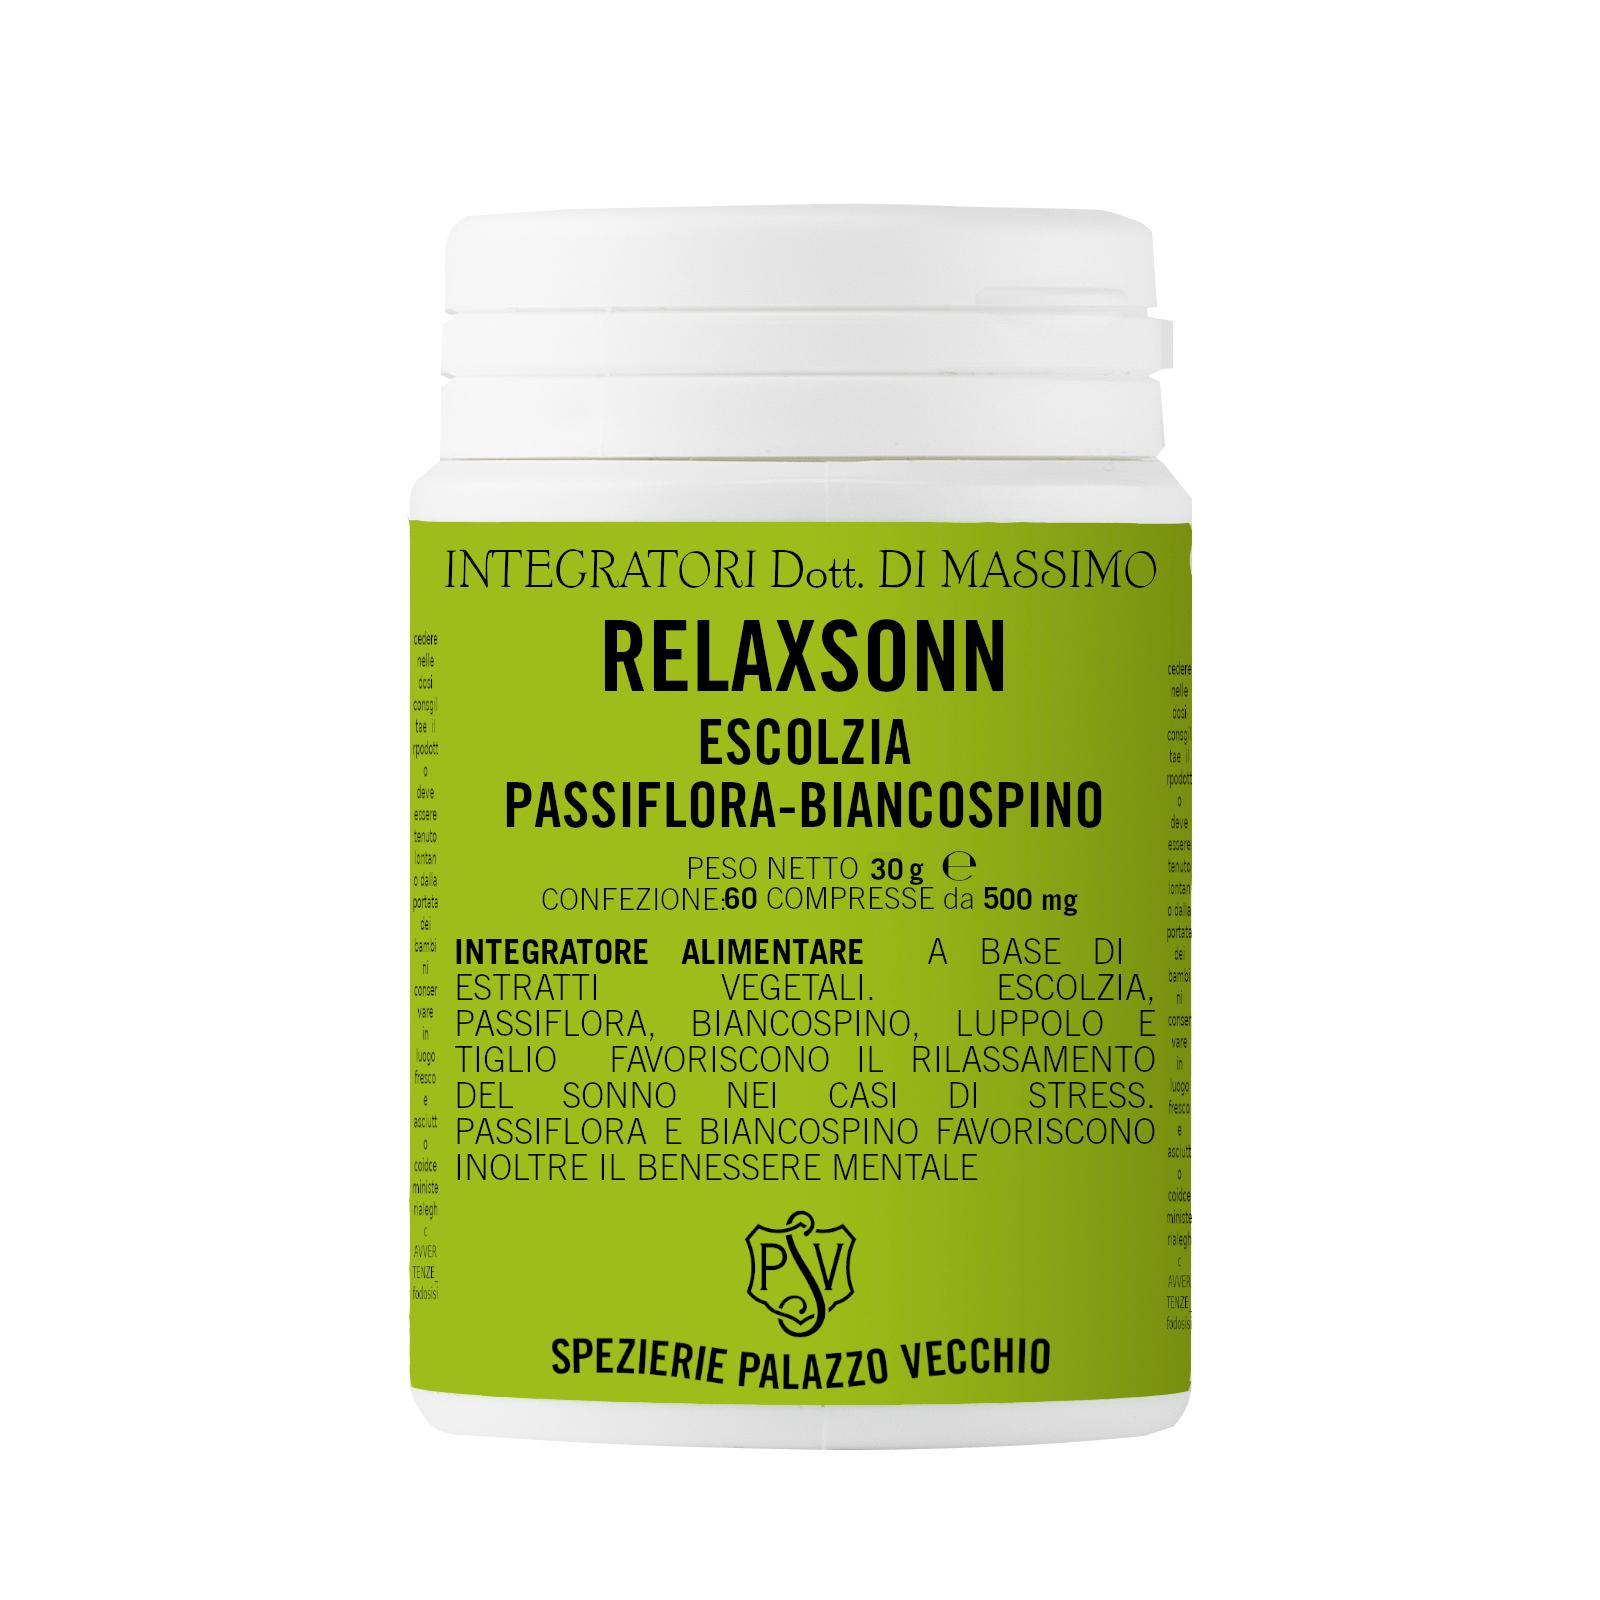 RELAXSONN Escolzia - Passiflora - Biancospino-0